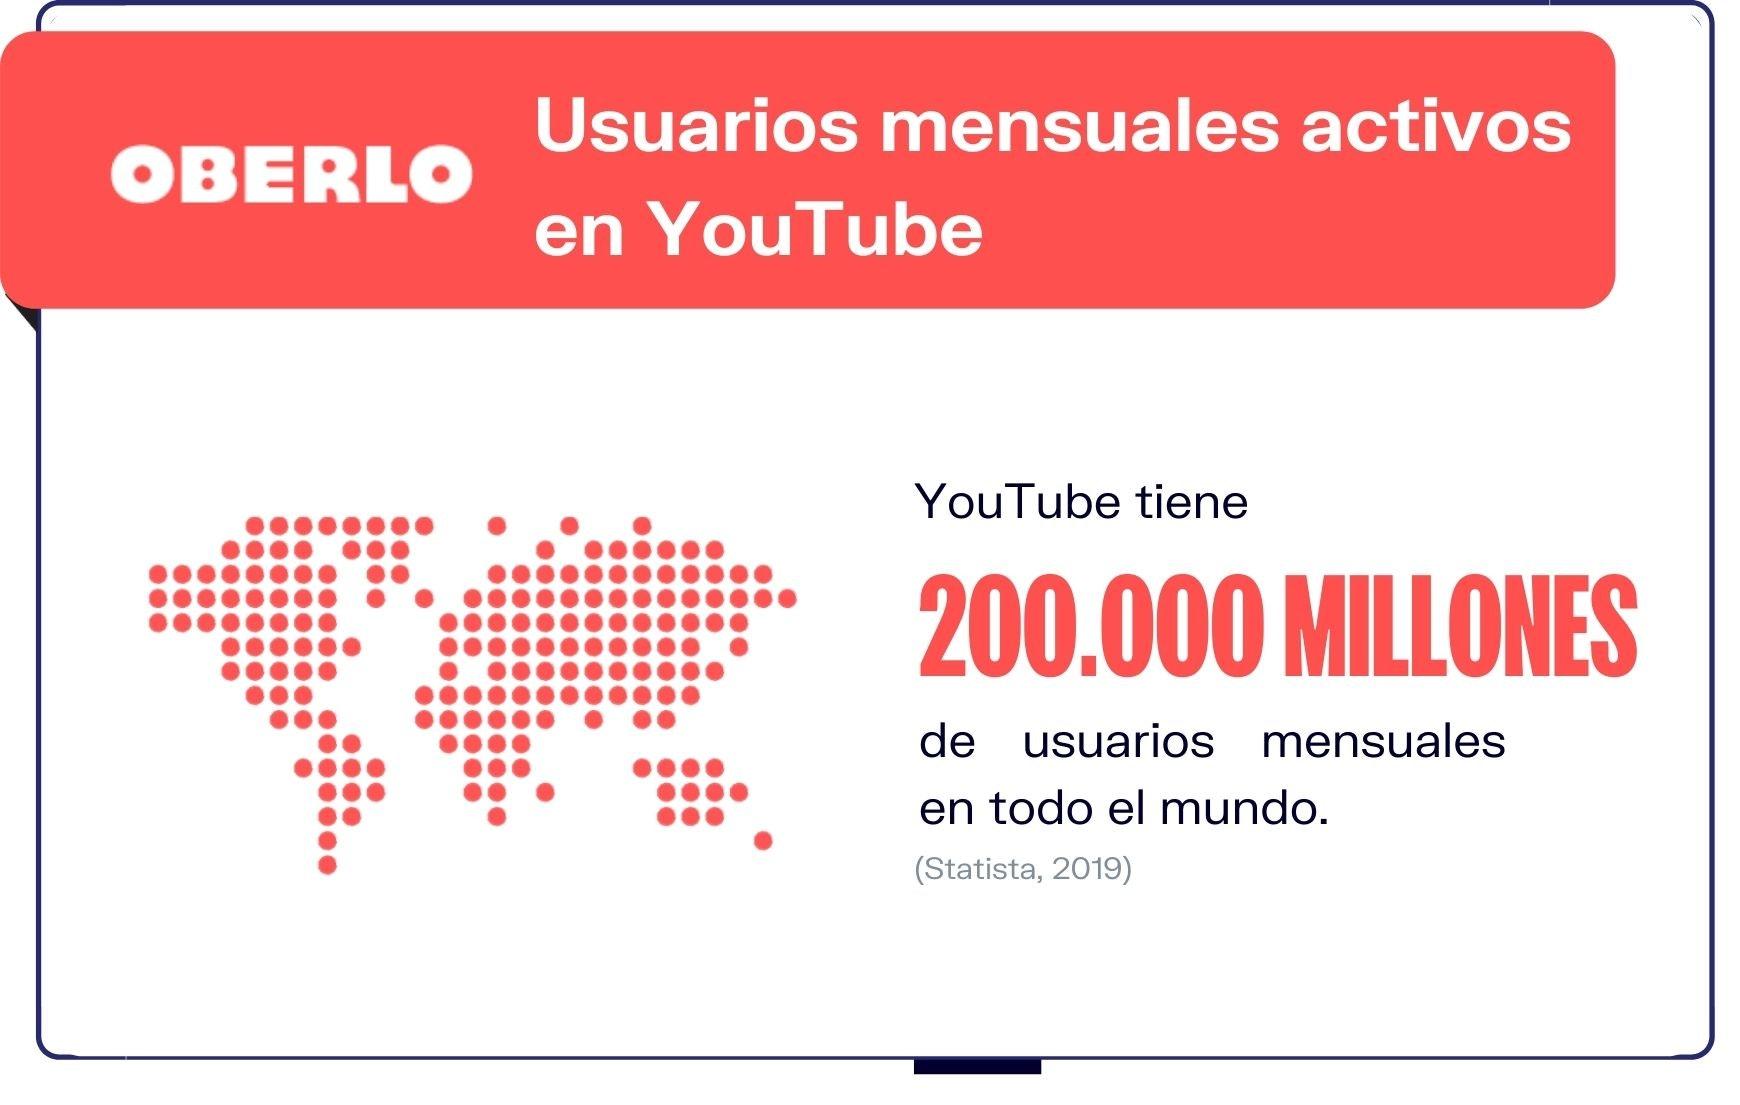 YouTube-Estadisticas-Usuarios-de-YouTube-activos-mensualmente